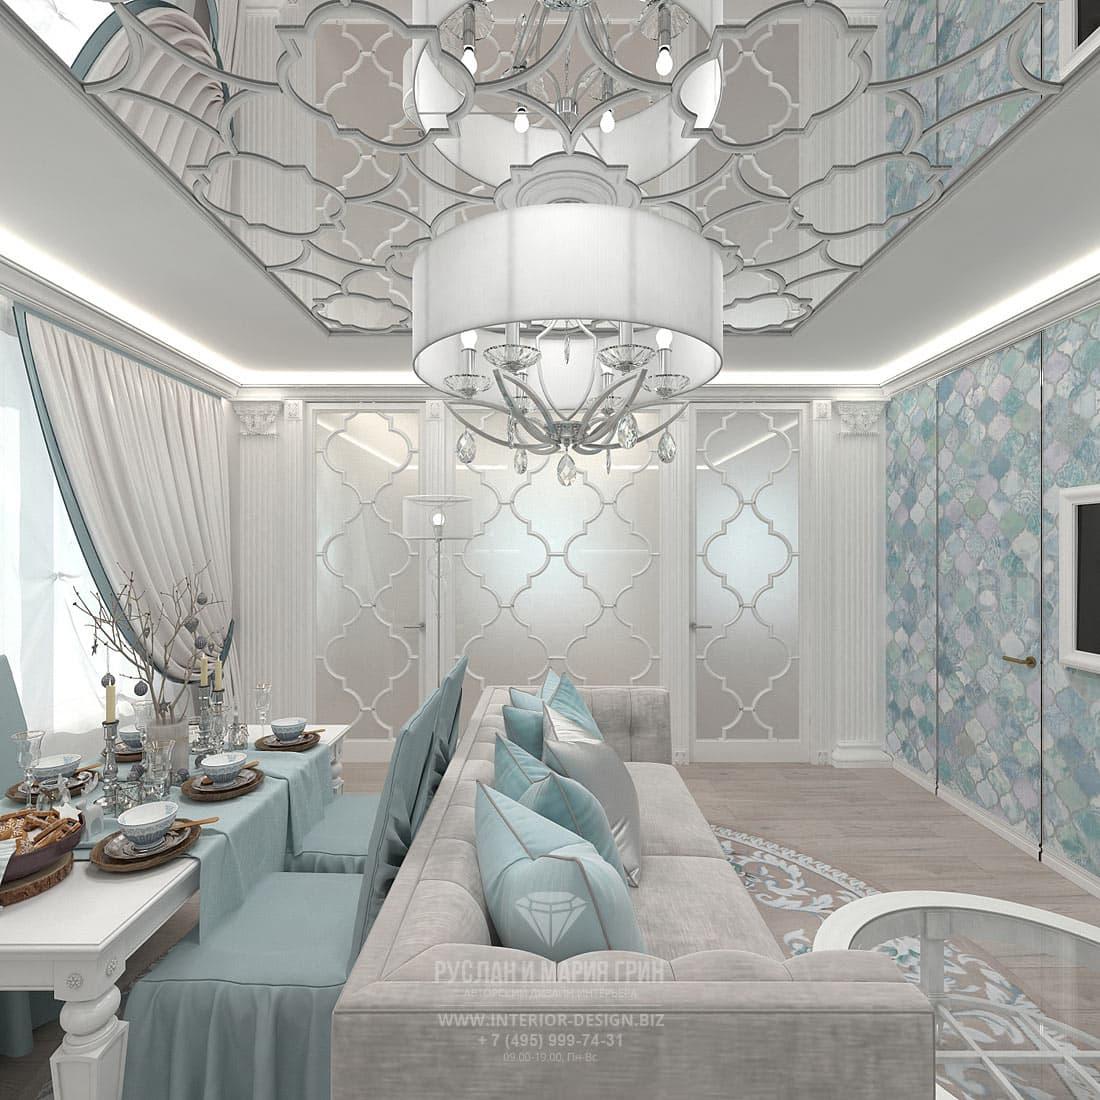 Дизайн интерьера квартиры в стиле эклектика